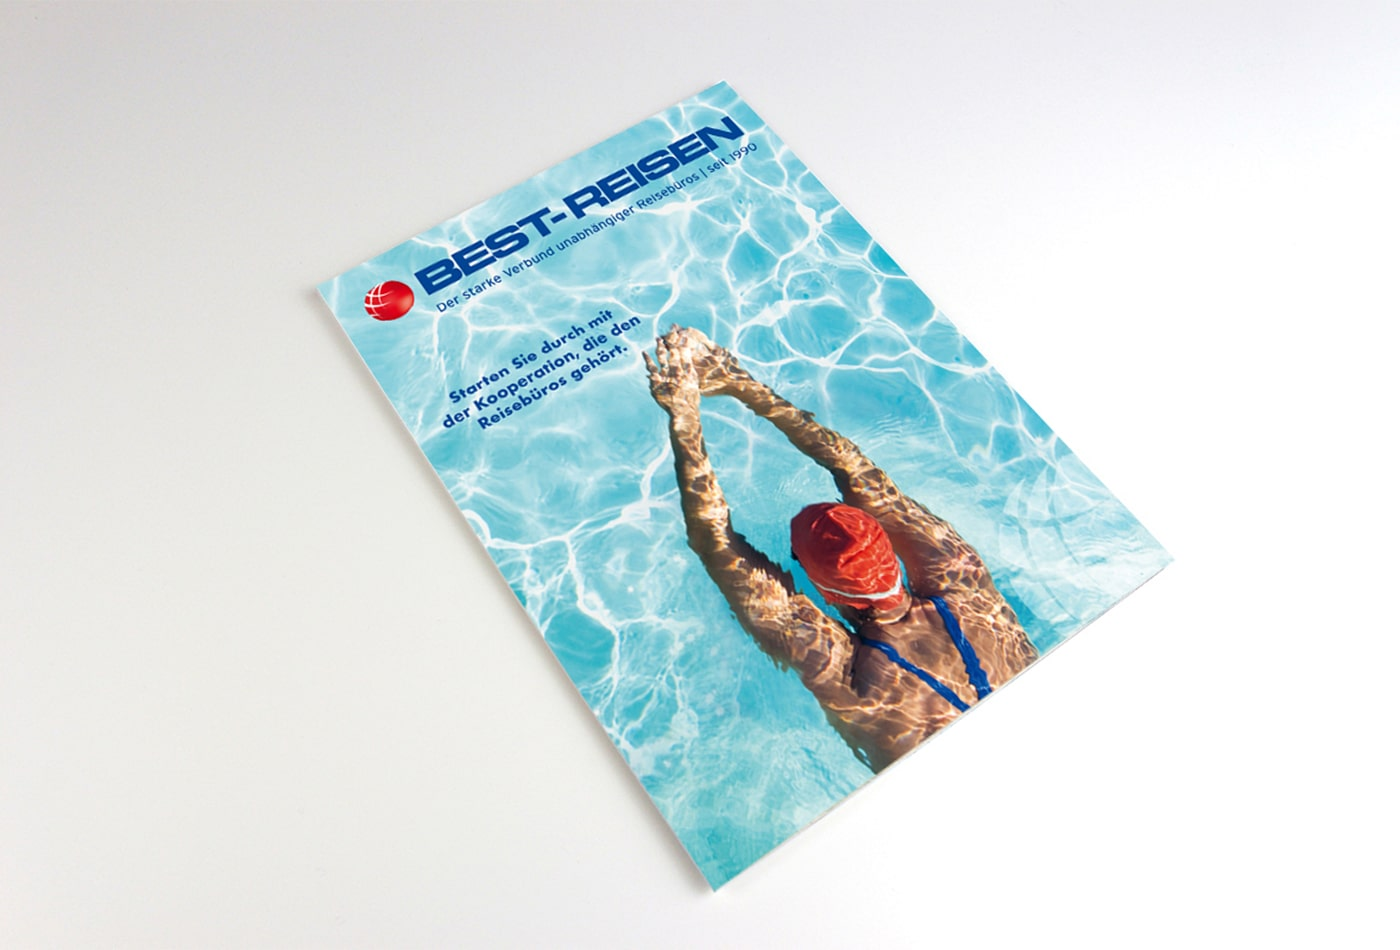 wildefreunde-kunde-bestreisen-broschuere-titel-1400x950-min